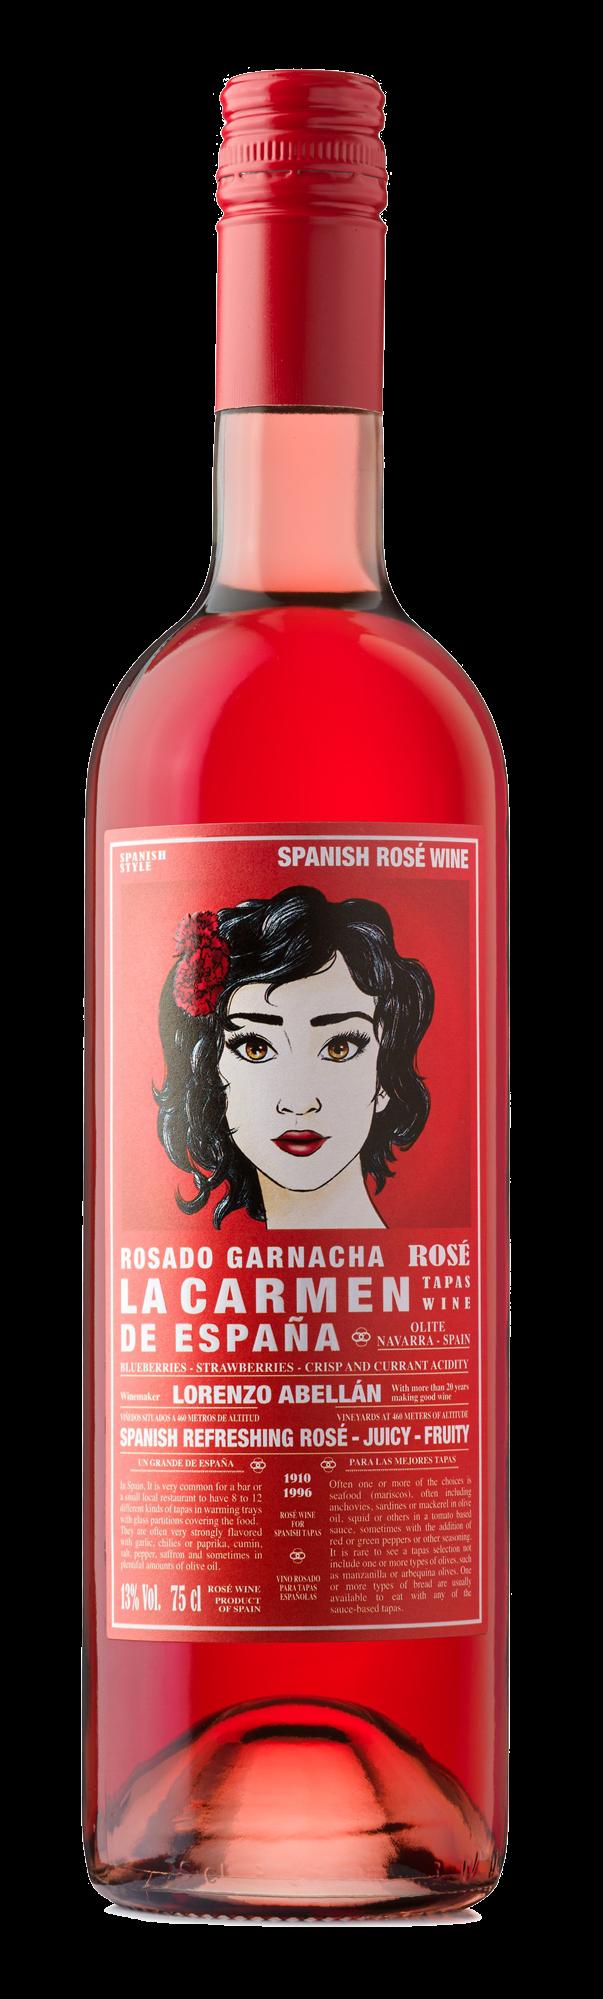 La Carmen - Rosado